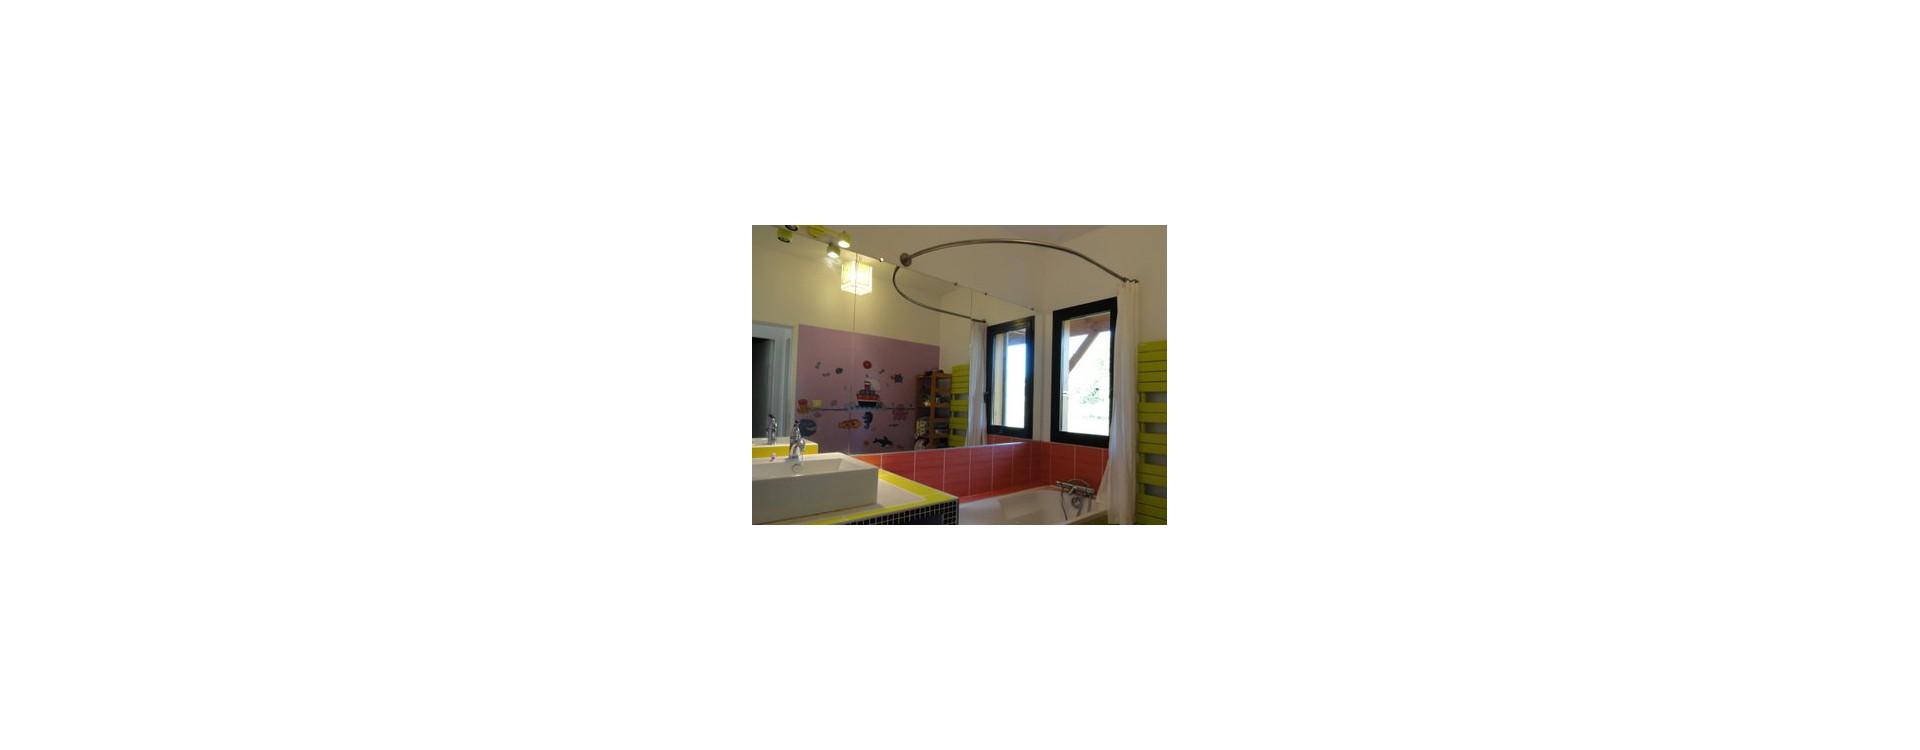 La solution GalboBain s'invite dans une salle de bain d'enfants